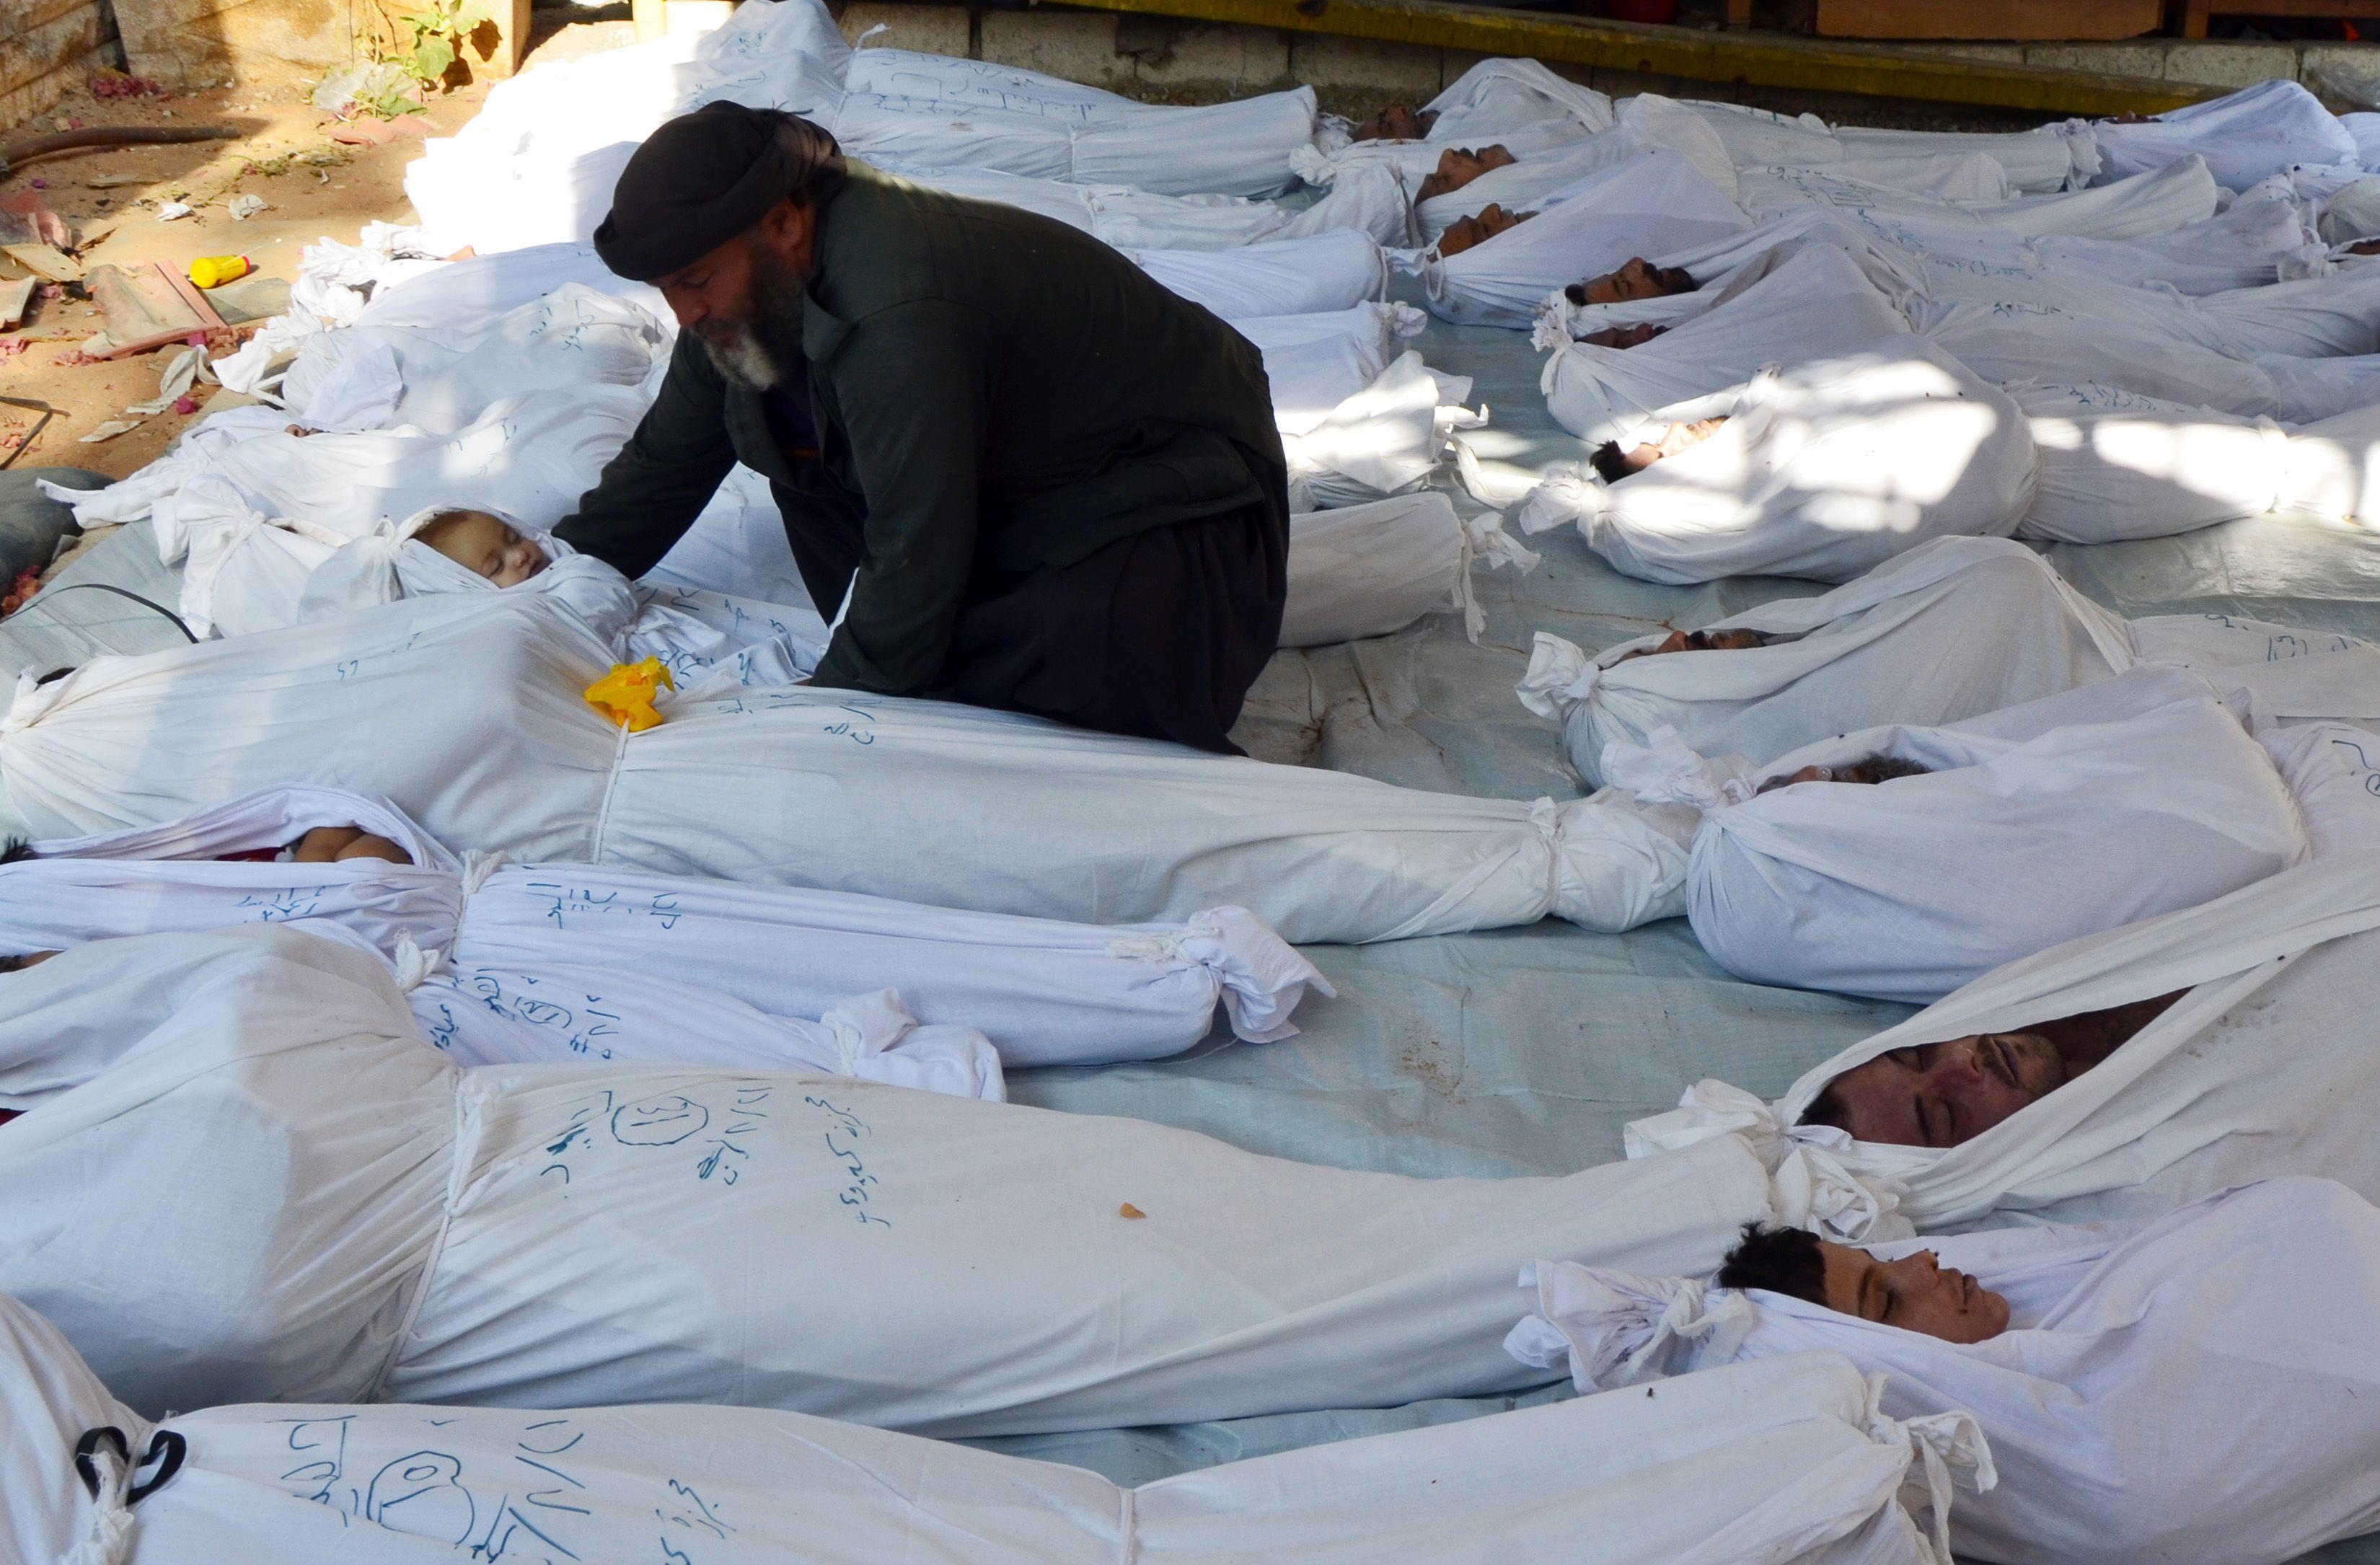 Des armes chimiques ont-elles été utilisées en Syrie ?